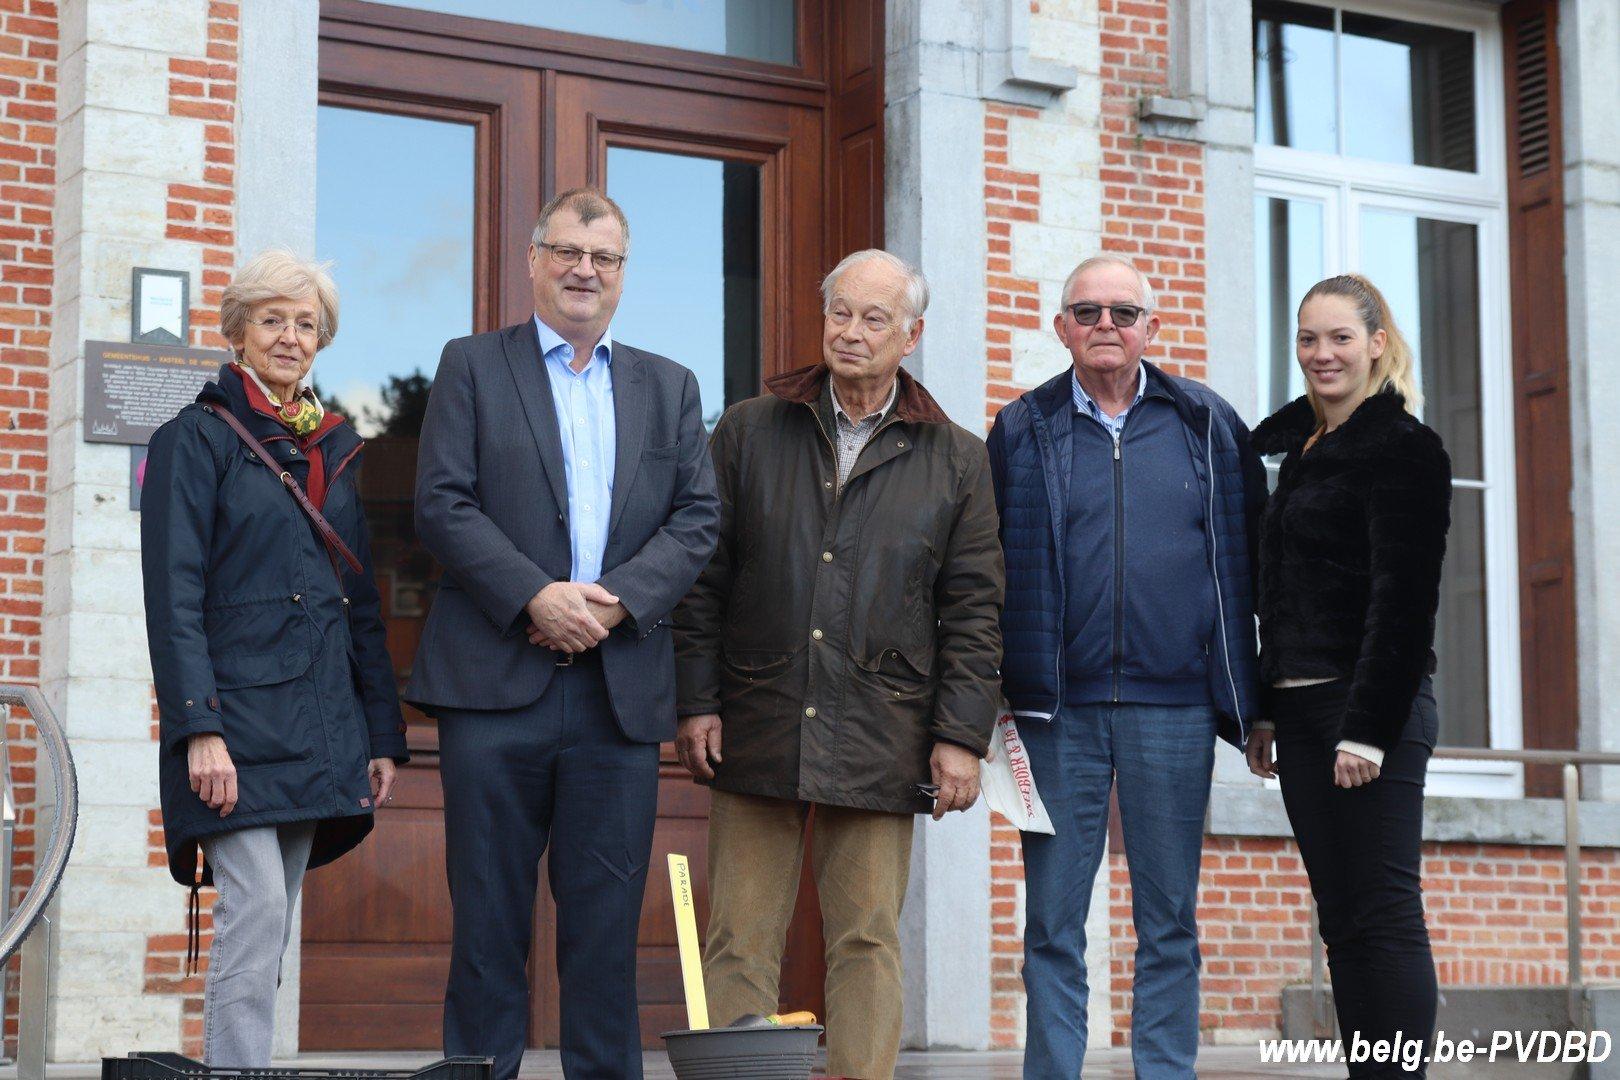 Dilbeek ontvangt 10.000 voorjaarsbollen van het kasteel van Groot-Bijgaarden - IMG 3650